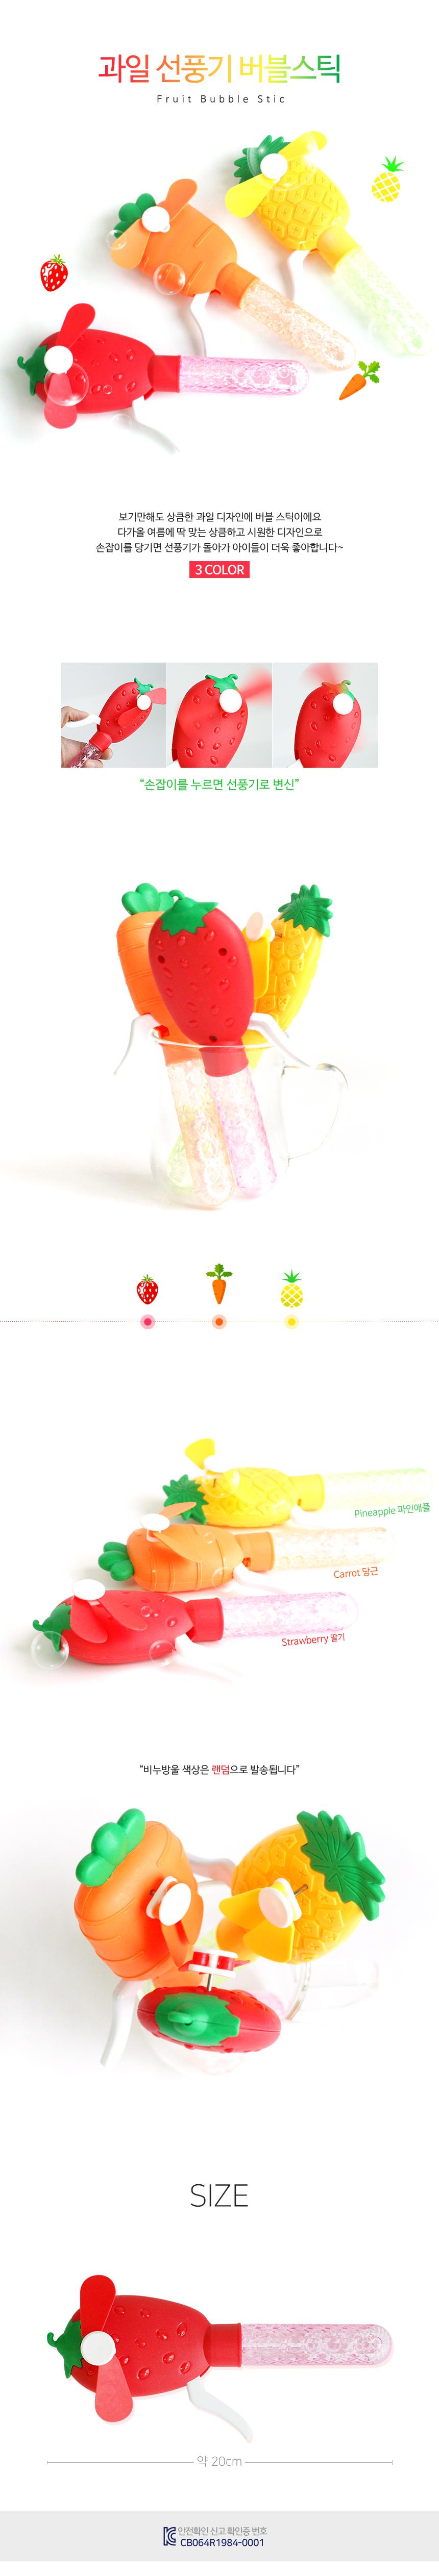 fruit_bubble1.jpg